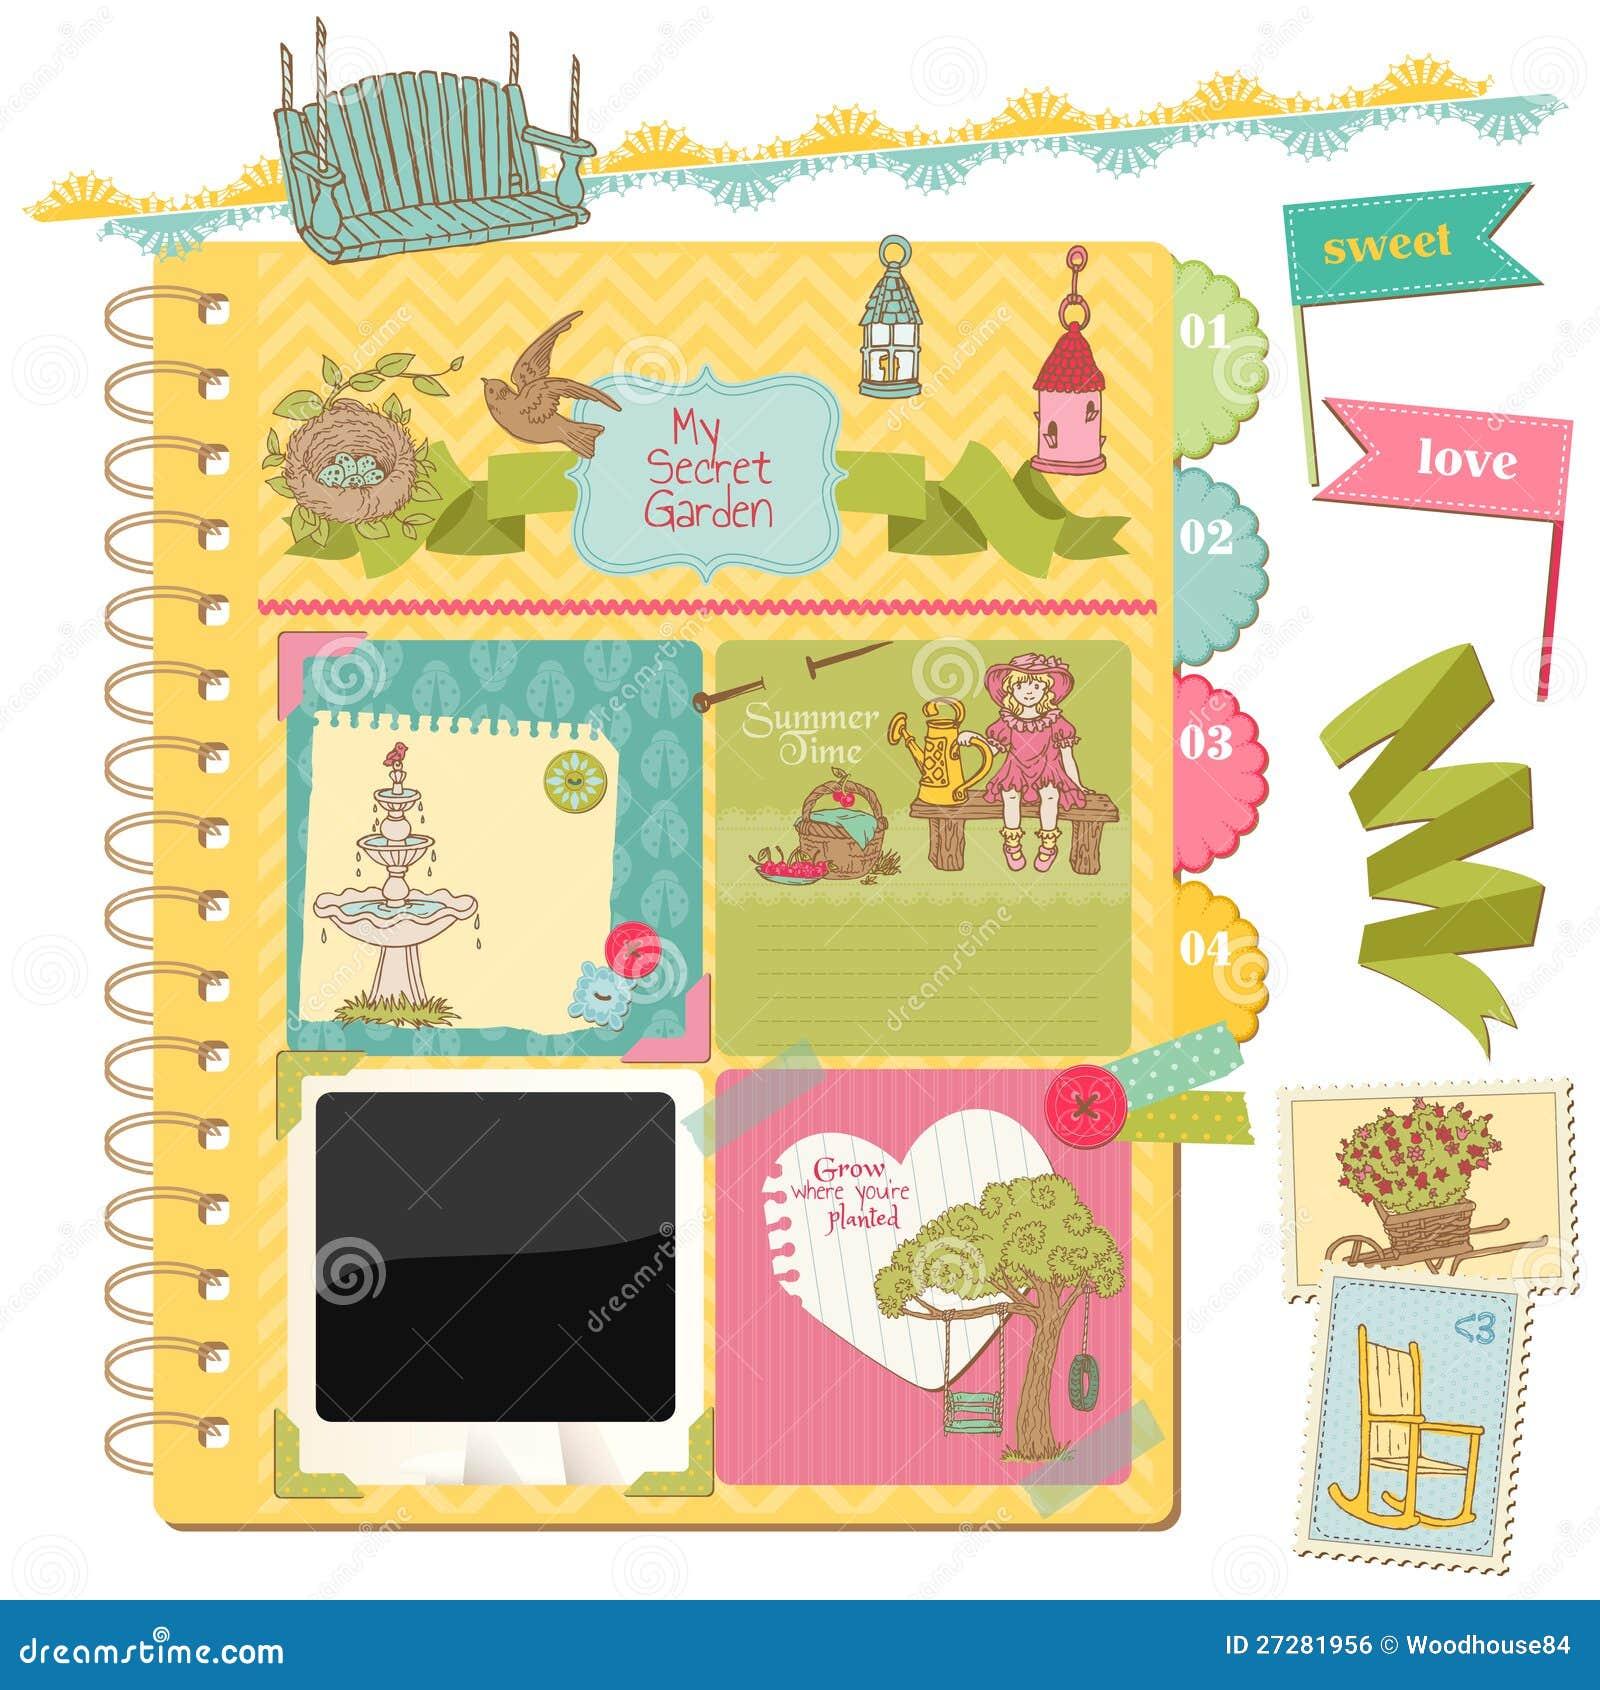 Design elements summer garden royalty free stock image for Garden design elements